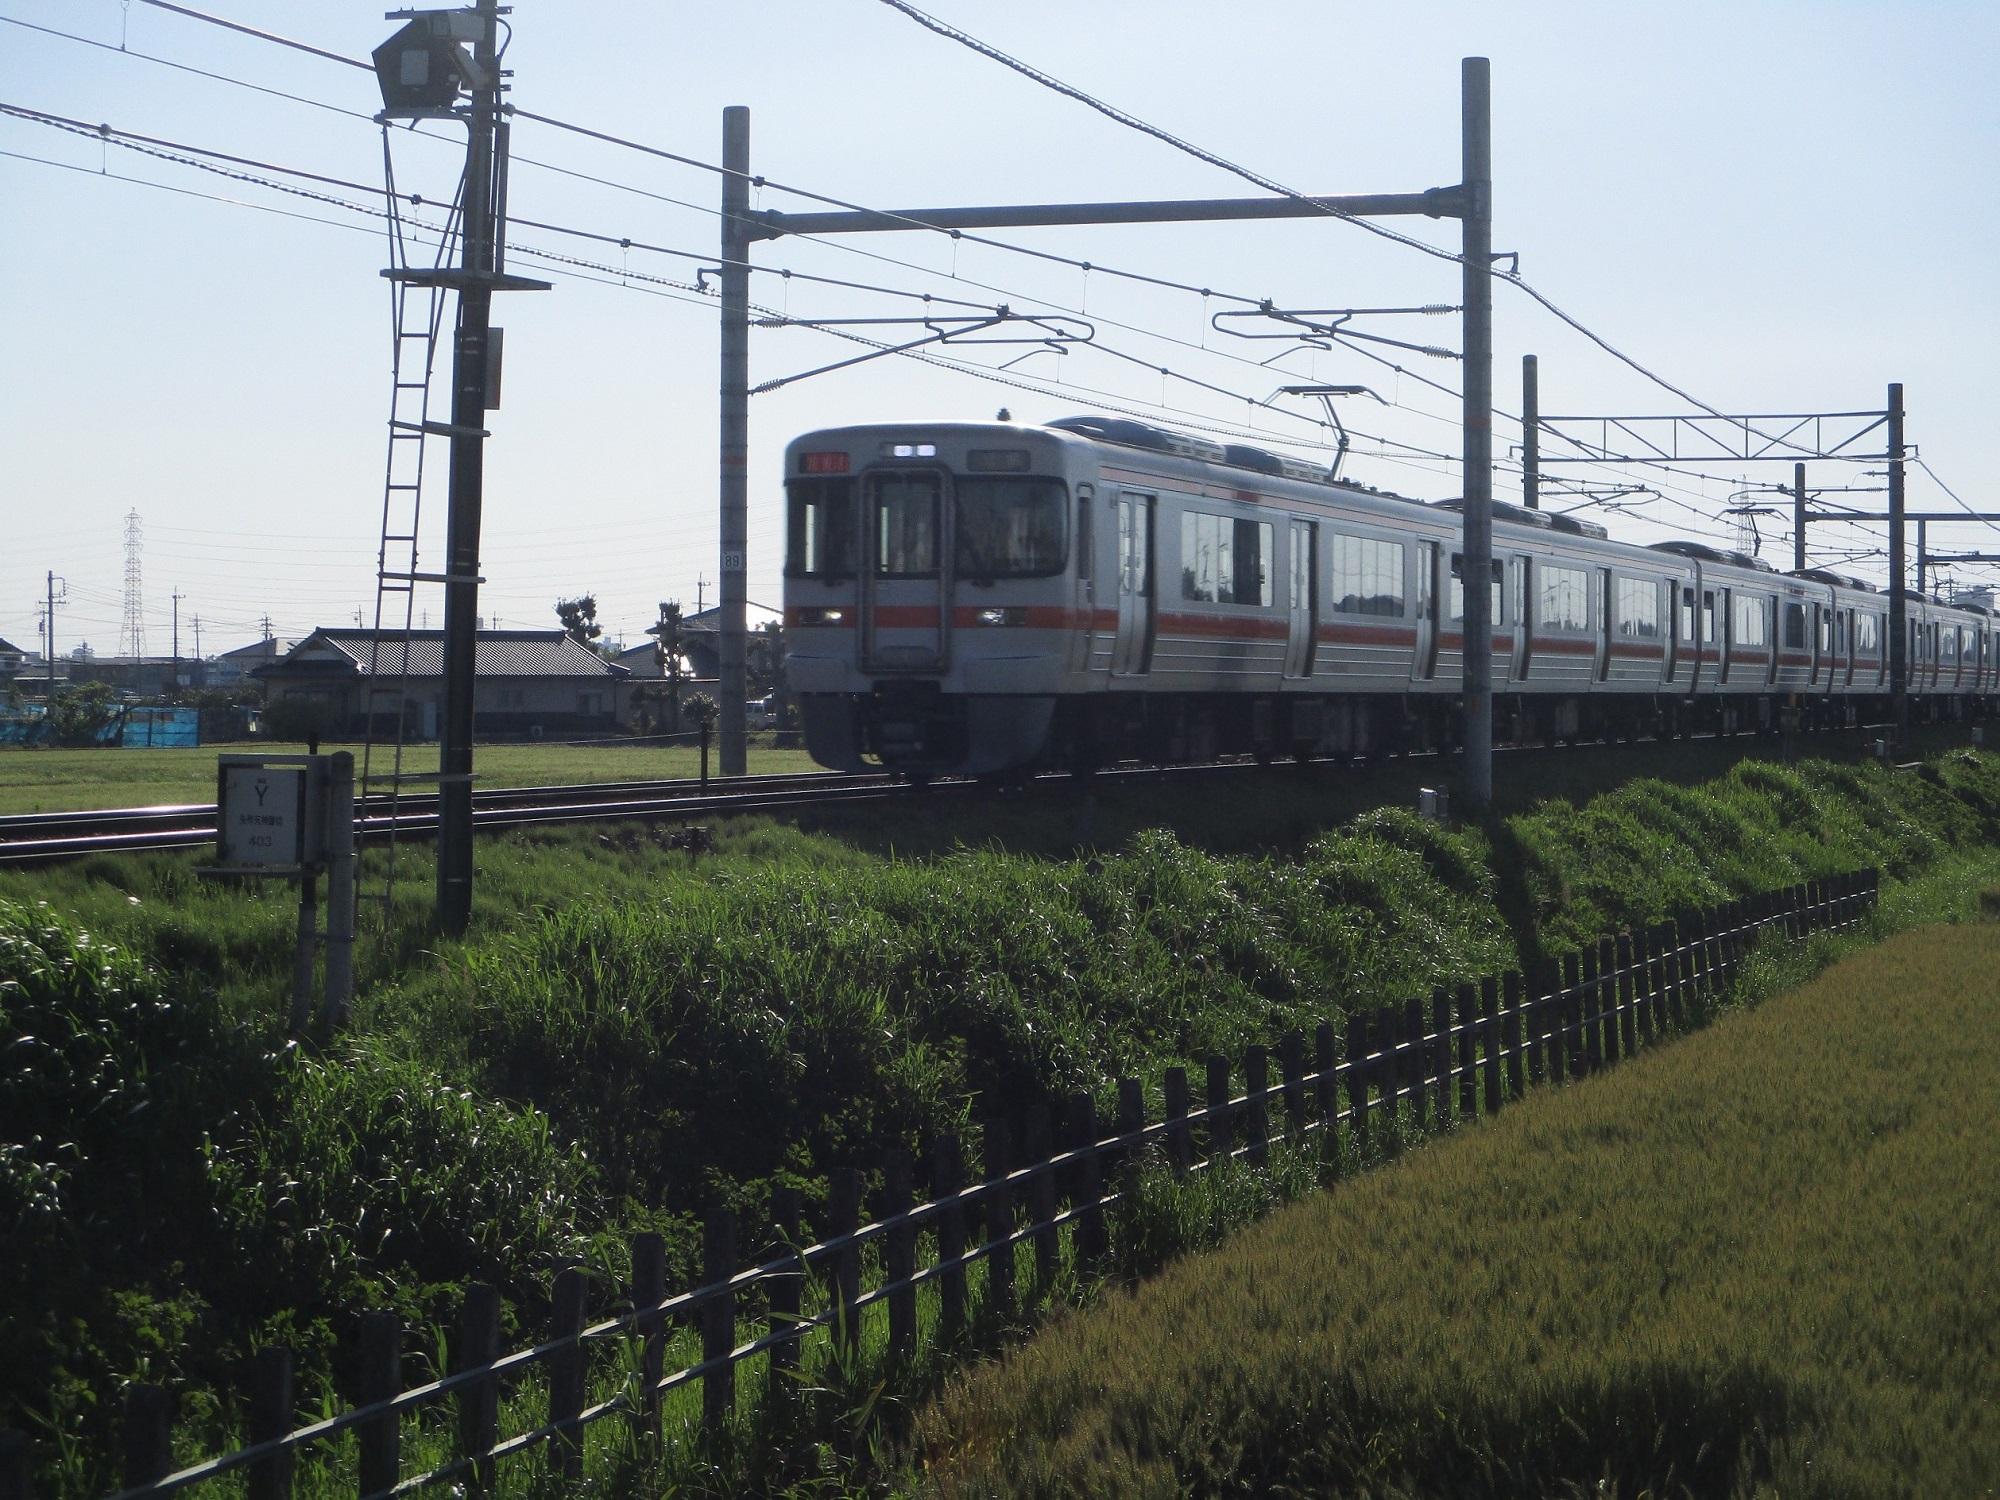 2020.5.13 (26) 矢作天神ふみきり - ひがしいき電車 2000-1500